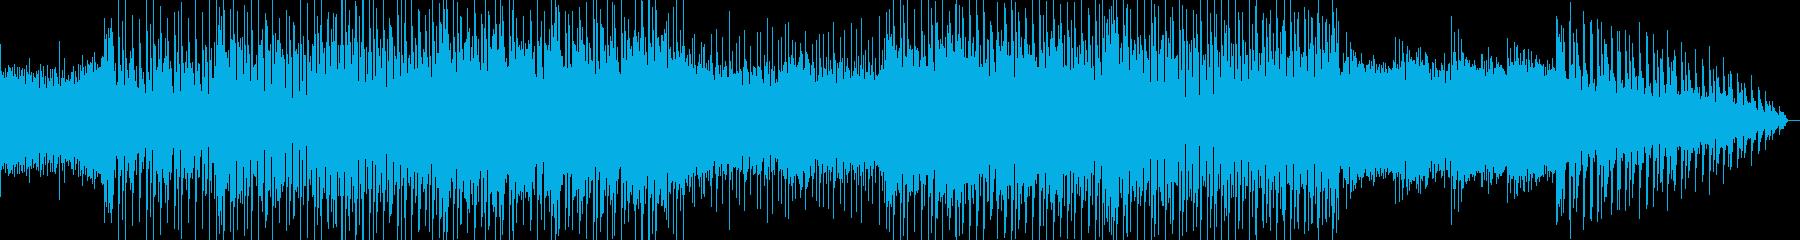 明るく優しく弾ける感じのポップス曲の再生済みの波形